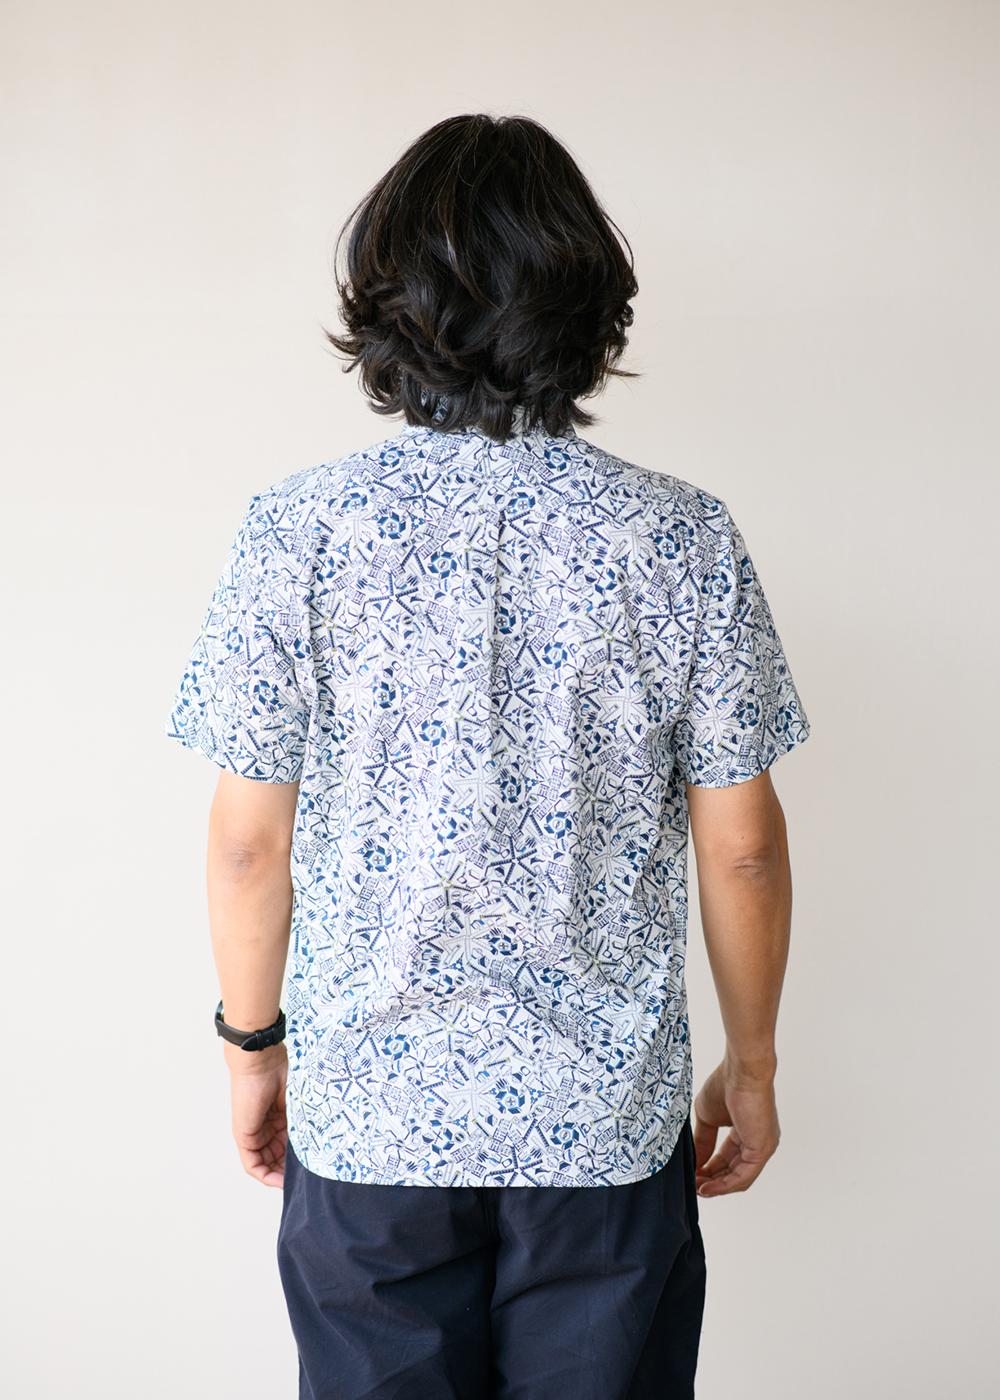 かりゆしウェア(沖縄版アロハシャツ) MAJUN - タンカーユーエー